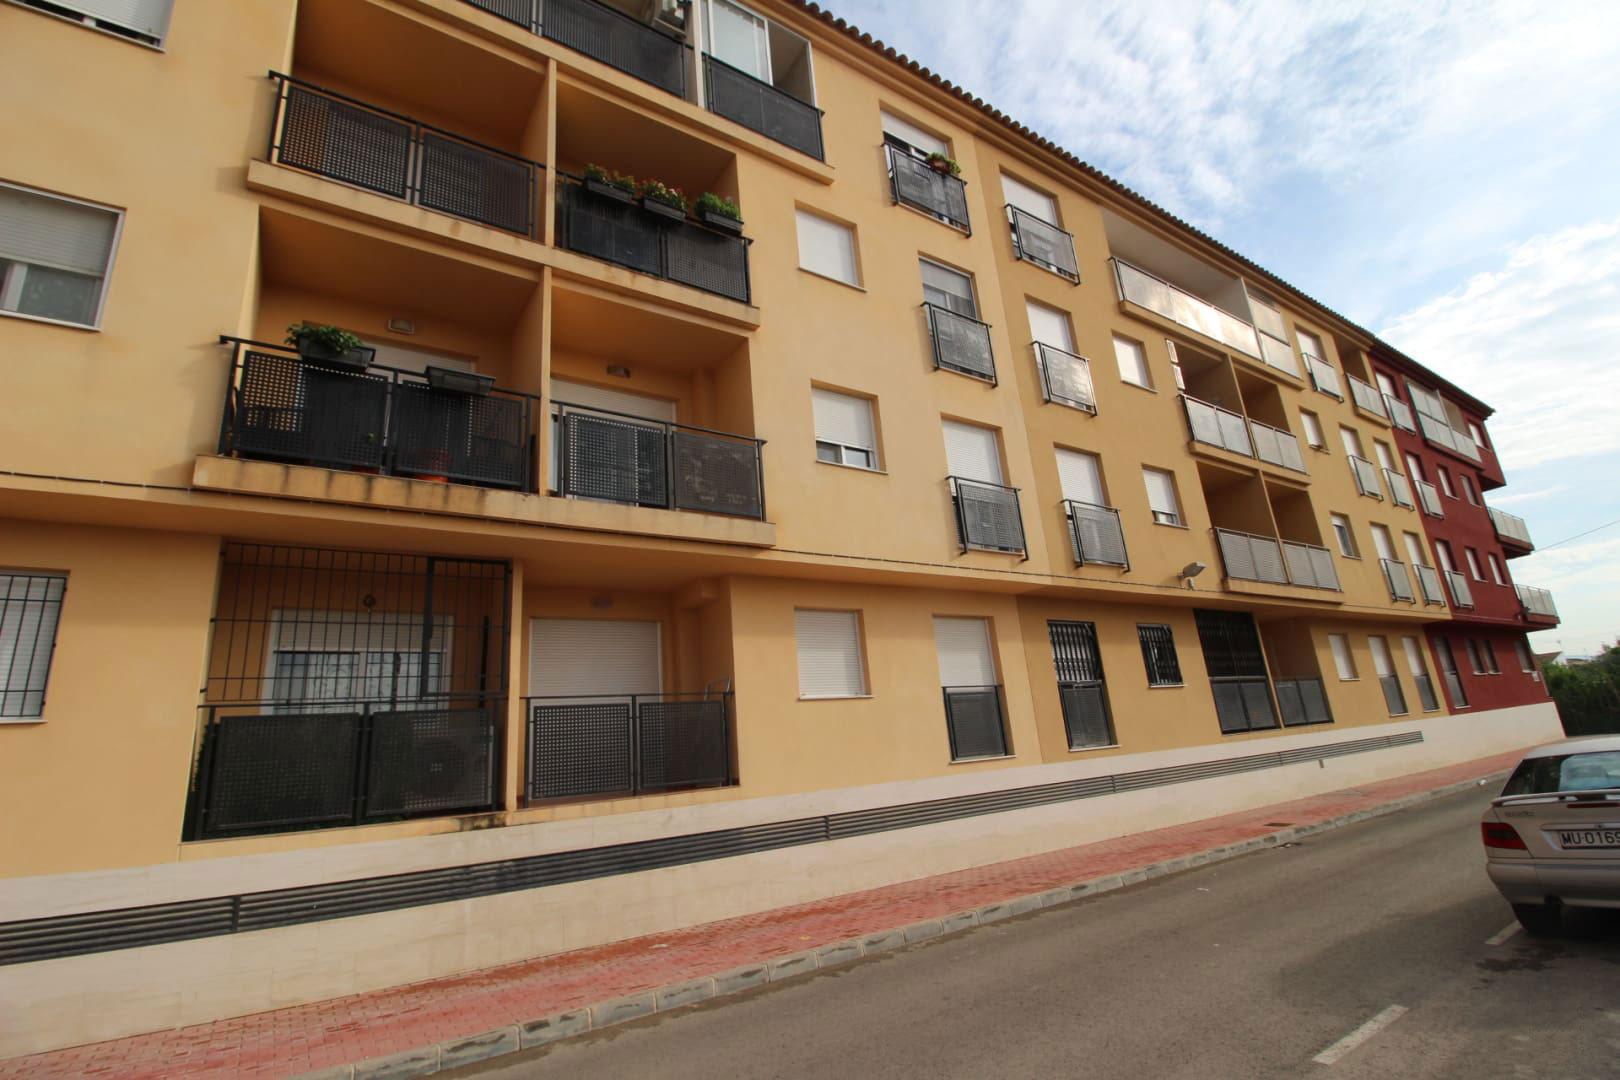 Piso en venta en Pedanía de El Raal, Murcia, Murcia, Calle Miguel de la Nieves, 100.800 €, 4 habitaciones, 2 baños, 138 m2